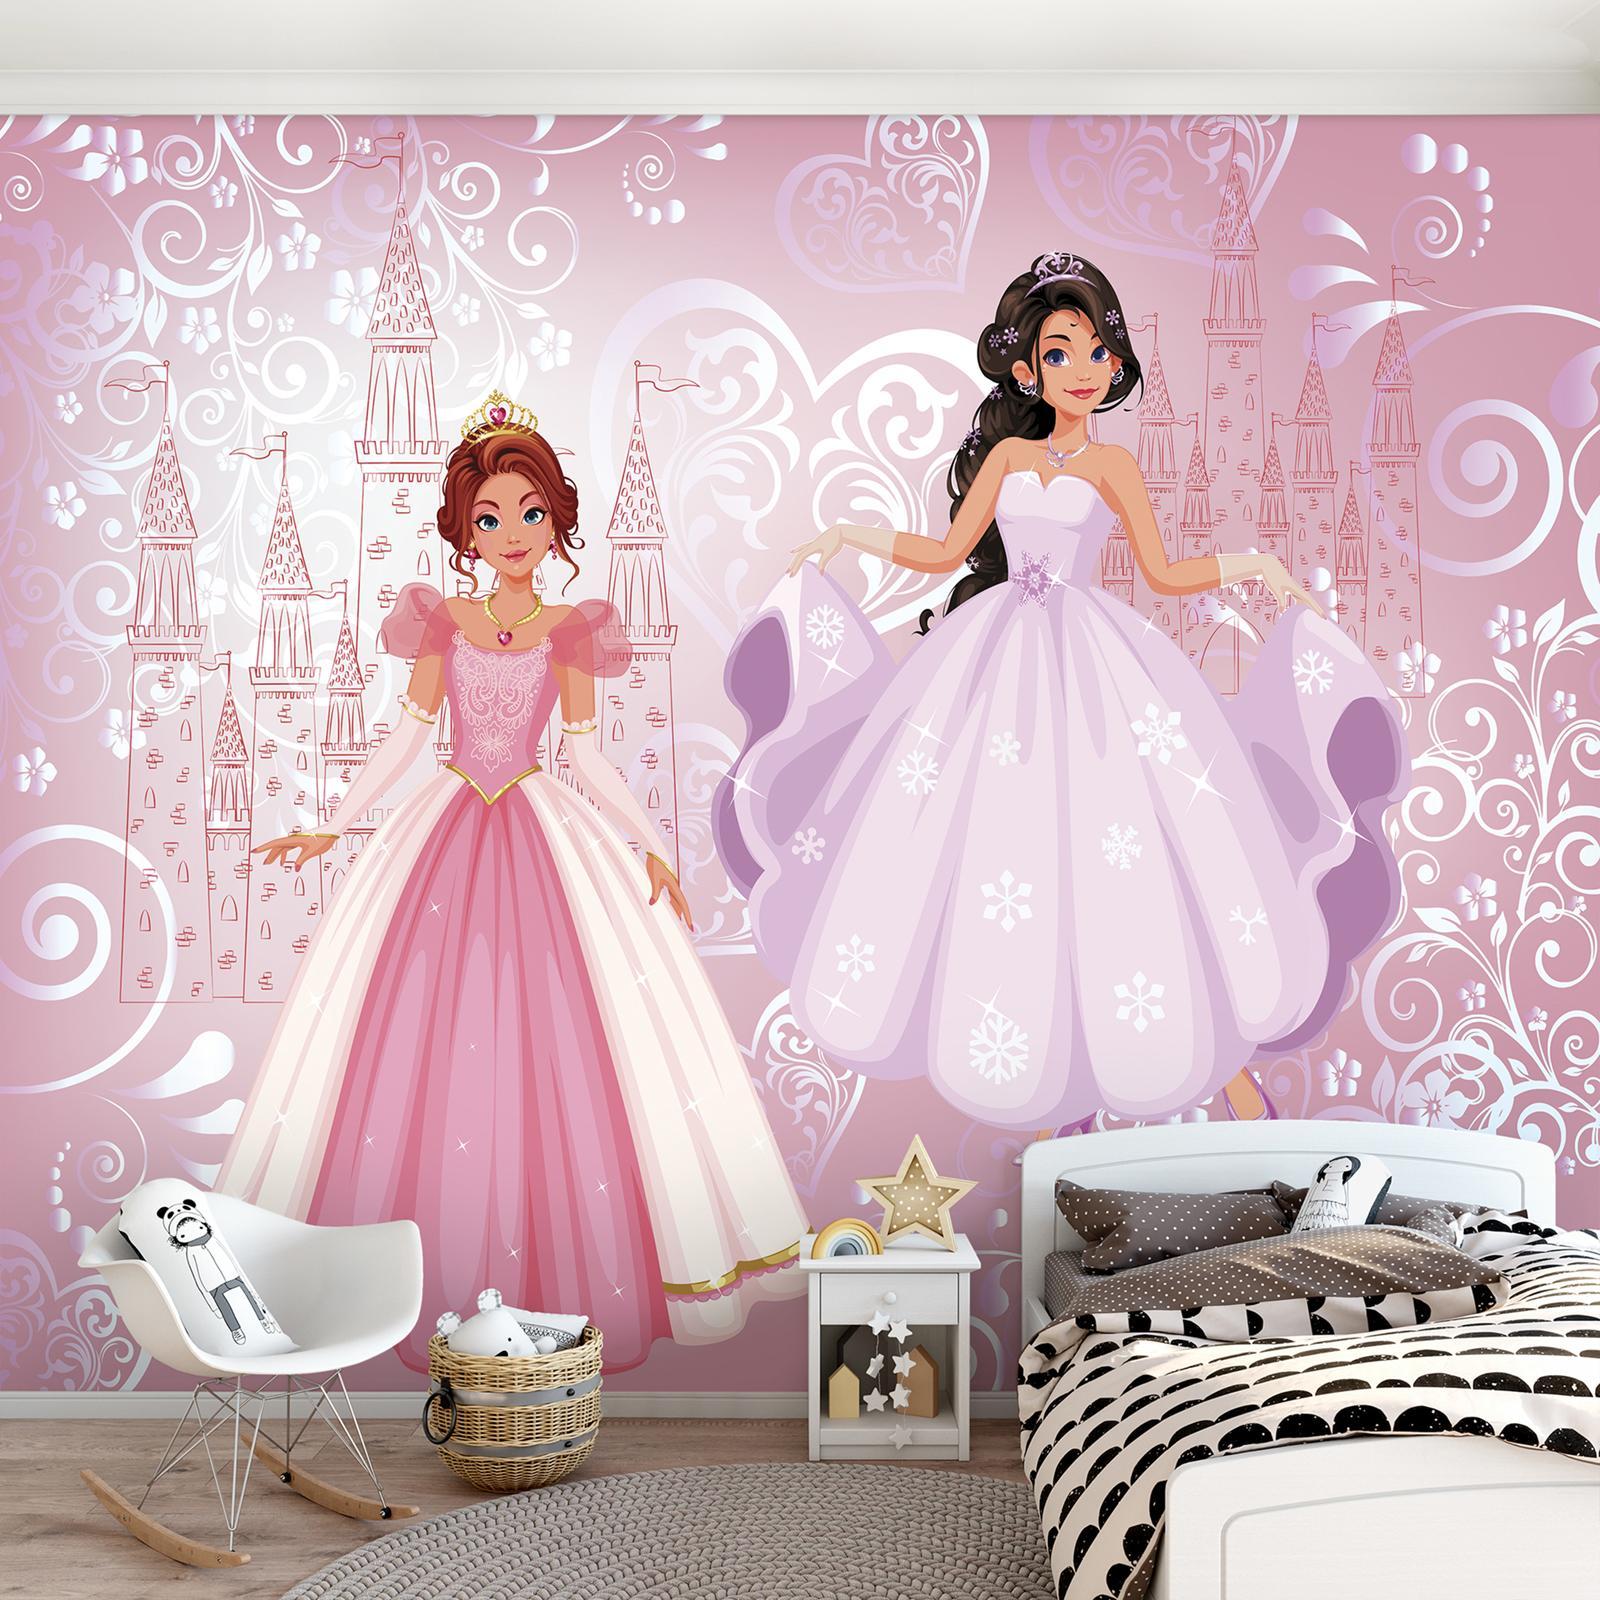 Full Size of Kinderzimmer Prinzessin Schloss Lillifee Komplett Playmobil Prinzessinnen Gebraucht Babyzimmer 6852   Prinzessinnen Kinderzimmer Gestalten Bett Jugendzimmer Kinderzimmer Kinderzimmer Prinzessin